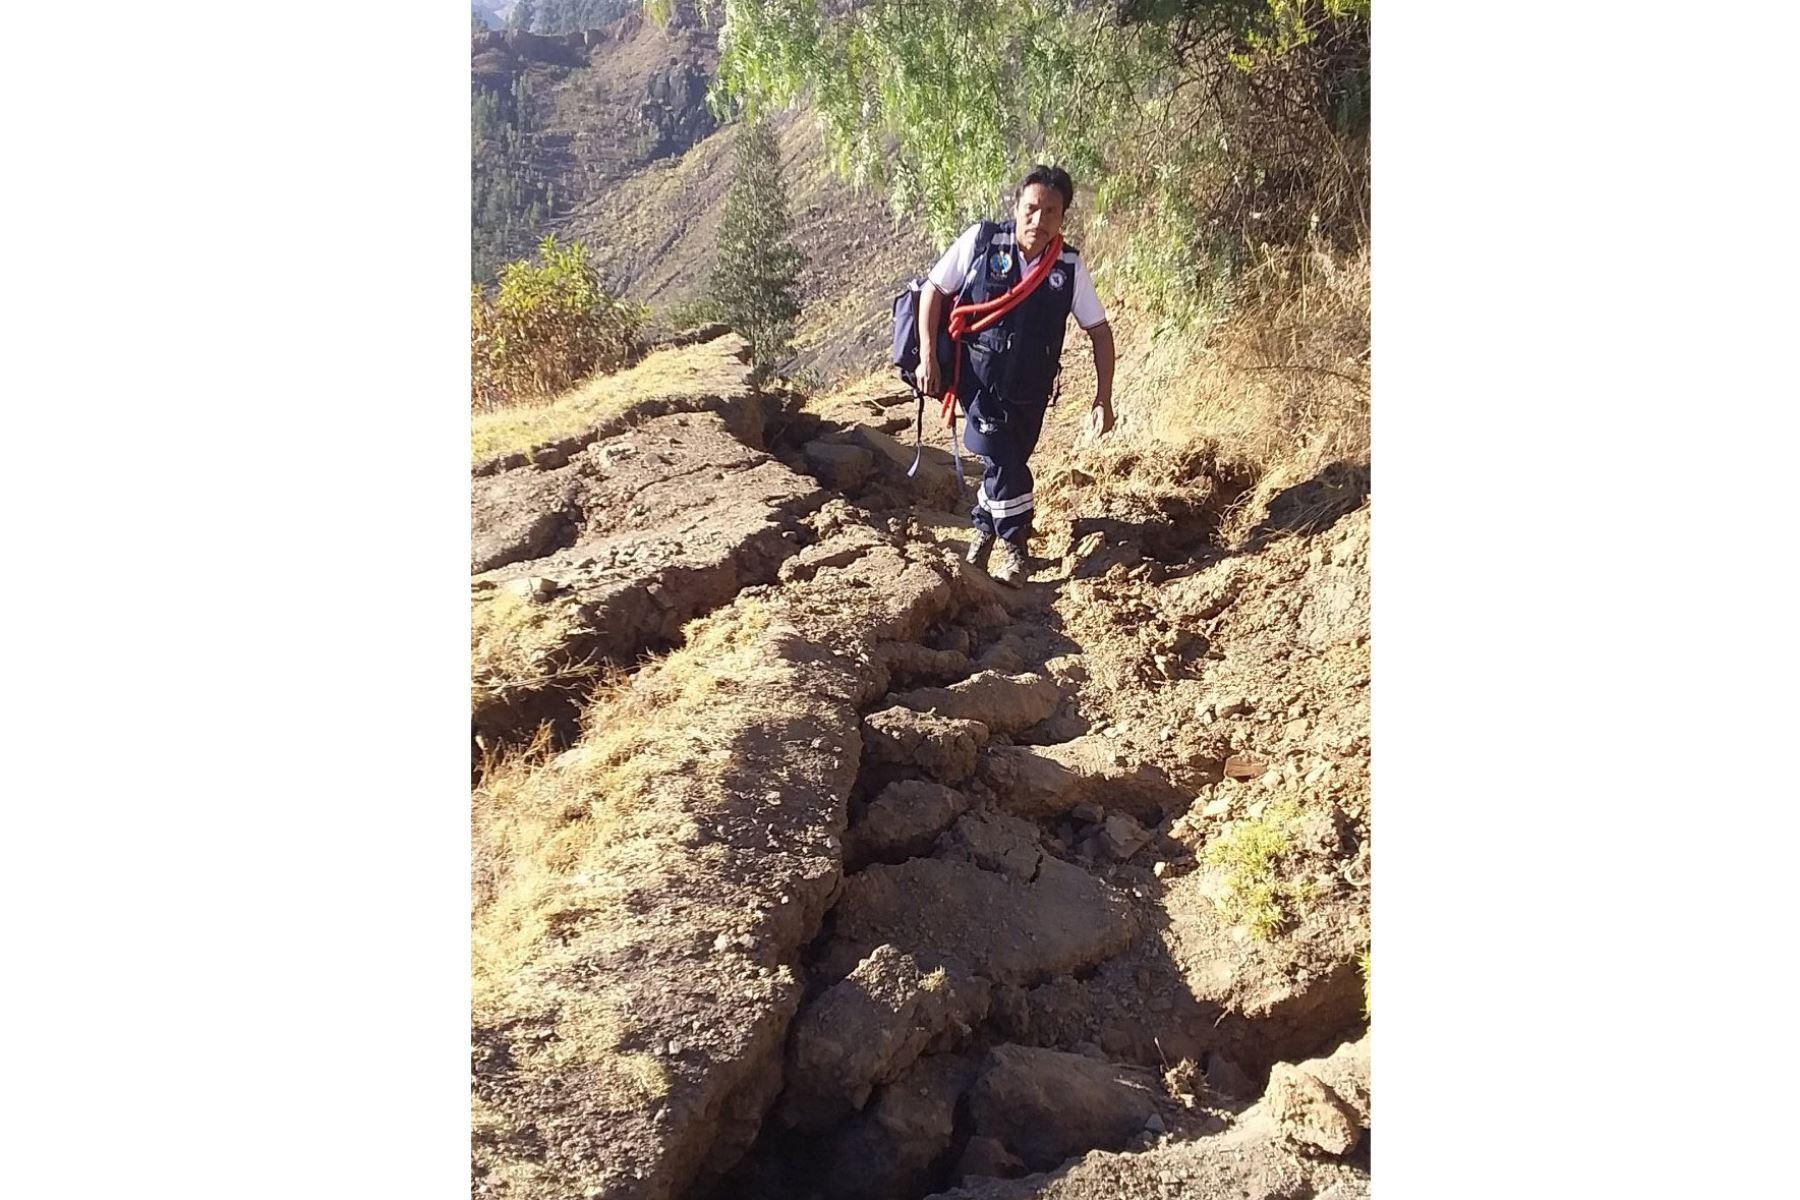 La nueva activación de la falla geológica que existe en el distrito de Yauya, región Áncash, ha generado daños a varias viviendas. Foto: ANDINA/Difusión